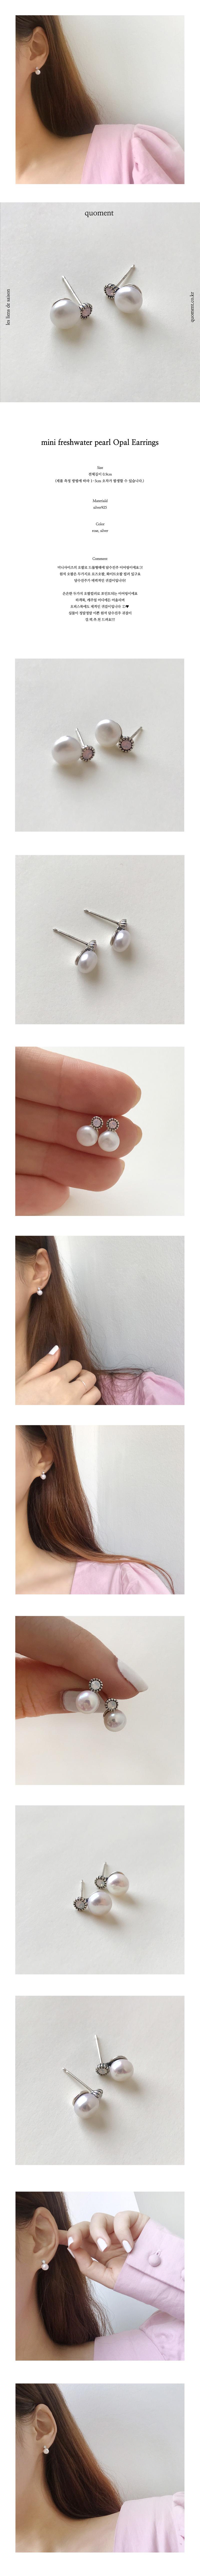 925실버 미니 담수진주 로즈화이트 오팔 귀걸이 - 쿼먼트, 18,000원, 진주/원석, 드롭귀걸이